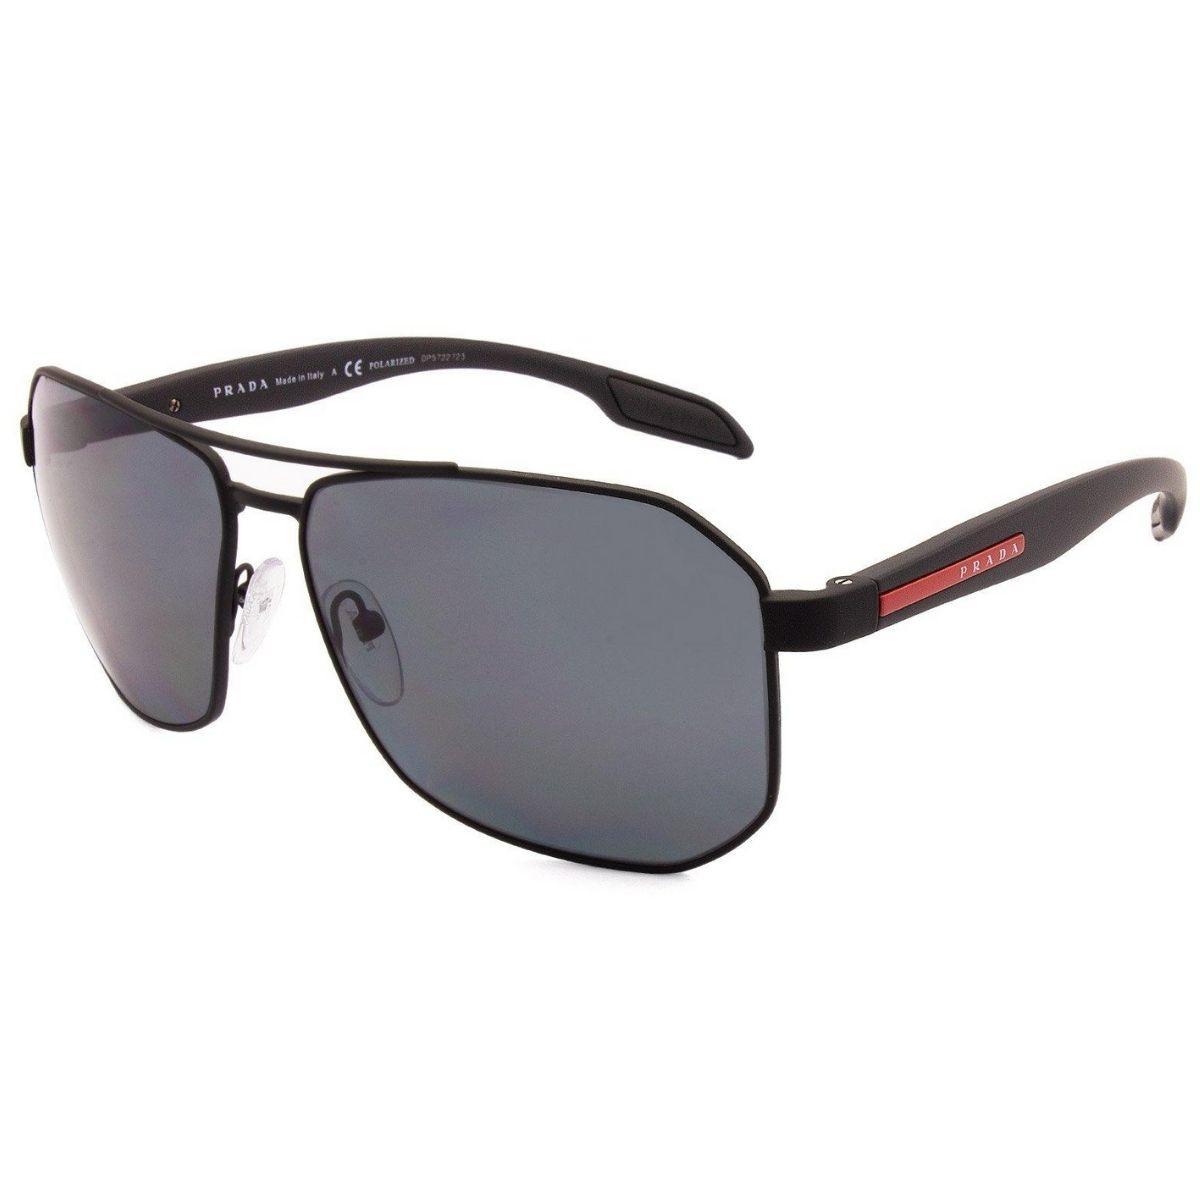 Óculos de Sol Masculino Prada Linea Rossa SPS 51V